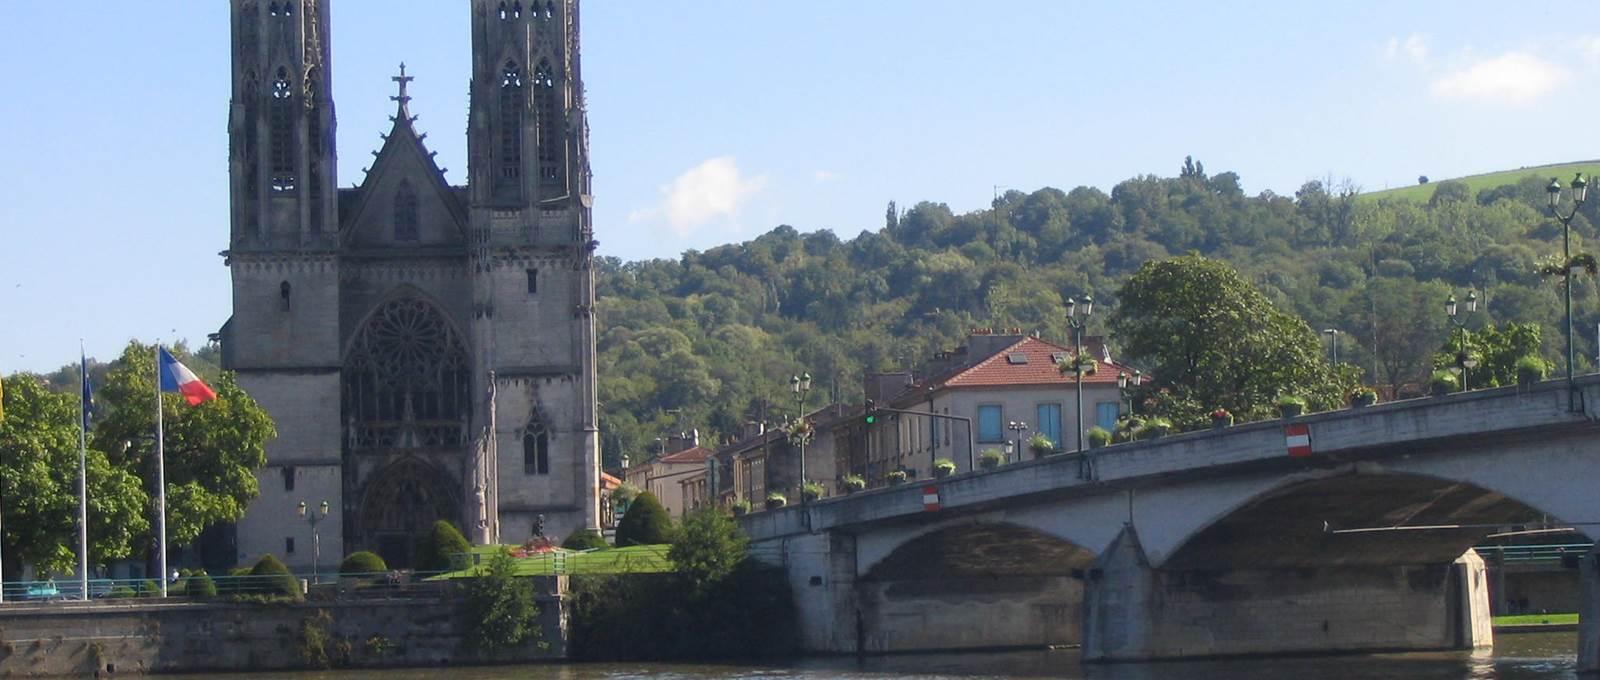 Eglise Saint Martin et Pont Gelot